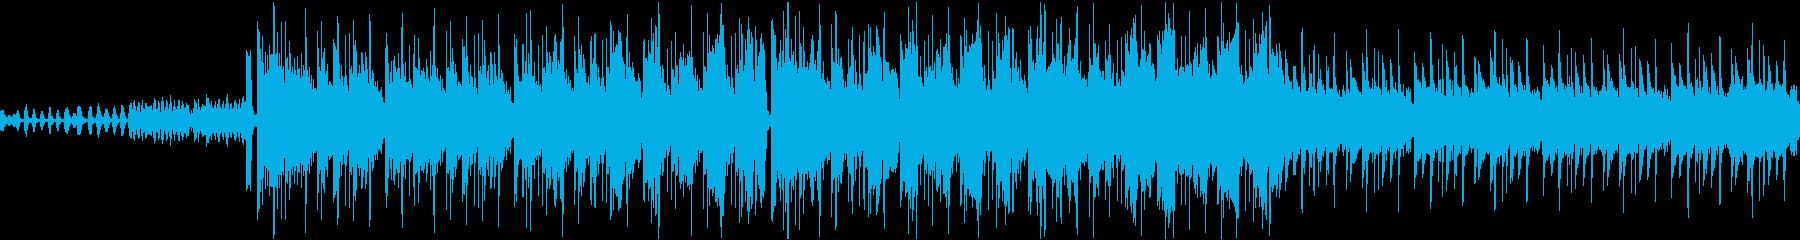 ホラー 恐怖 幽霊 [ループ]の再生済みの波形